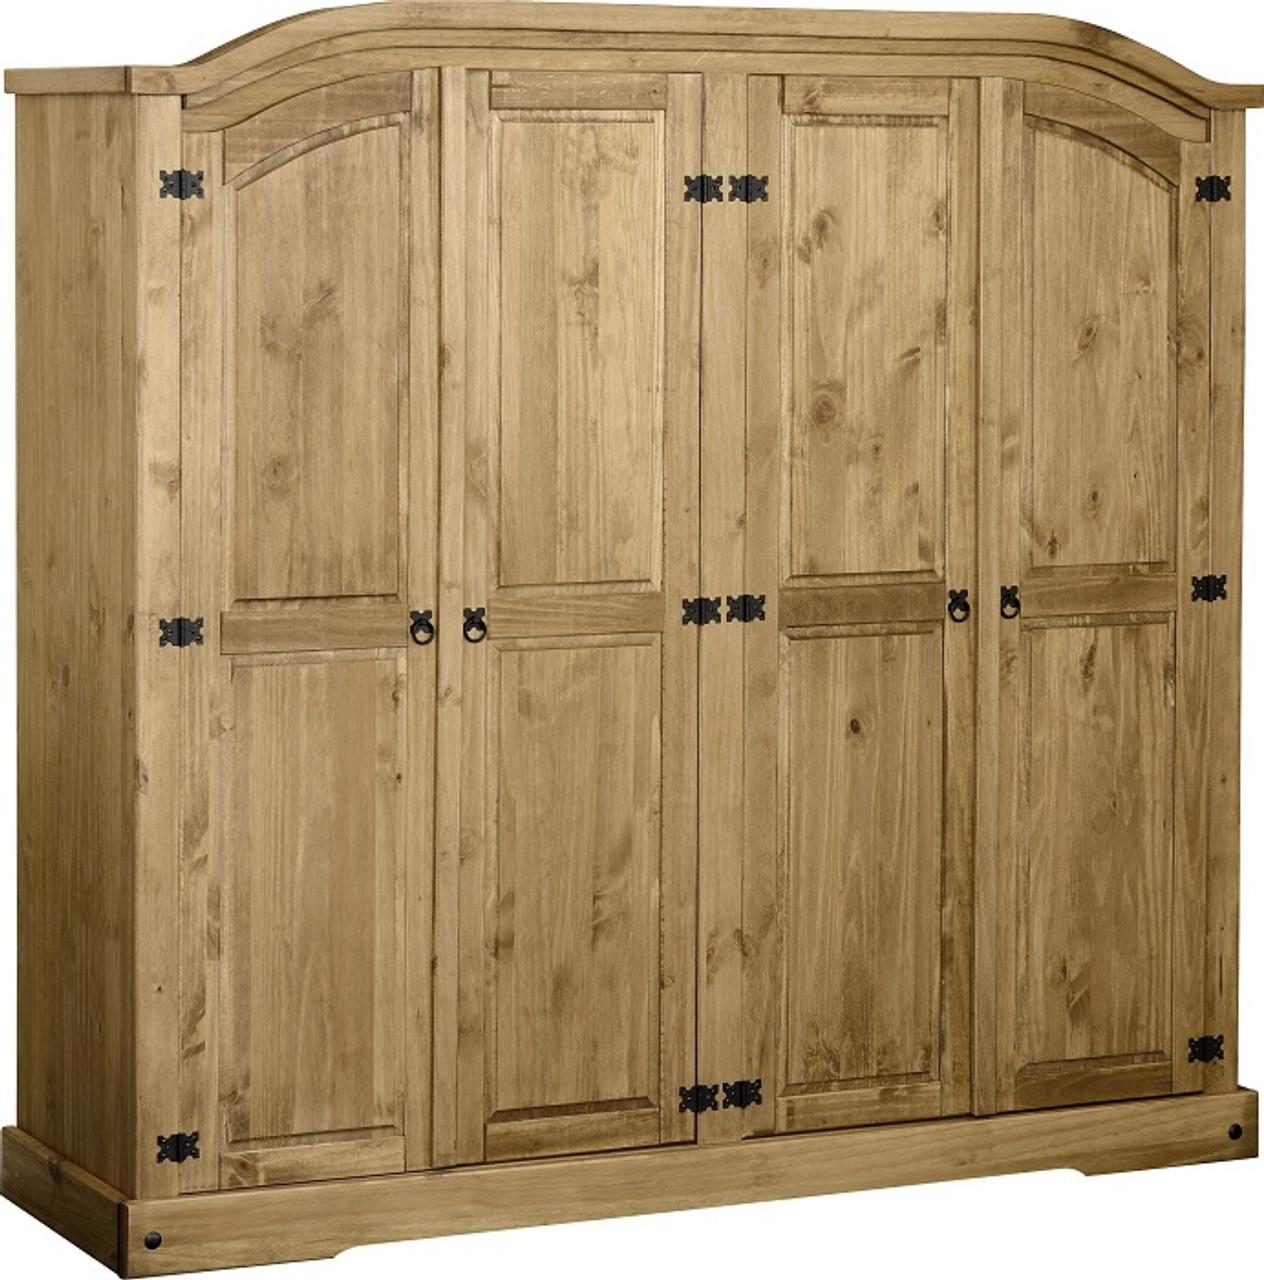 Corona 4 Door Wardrobe in Distressed Waxed Pine